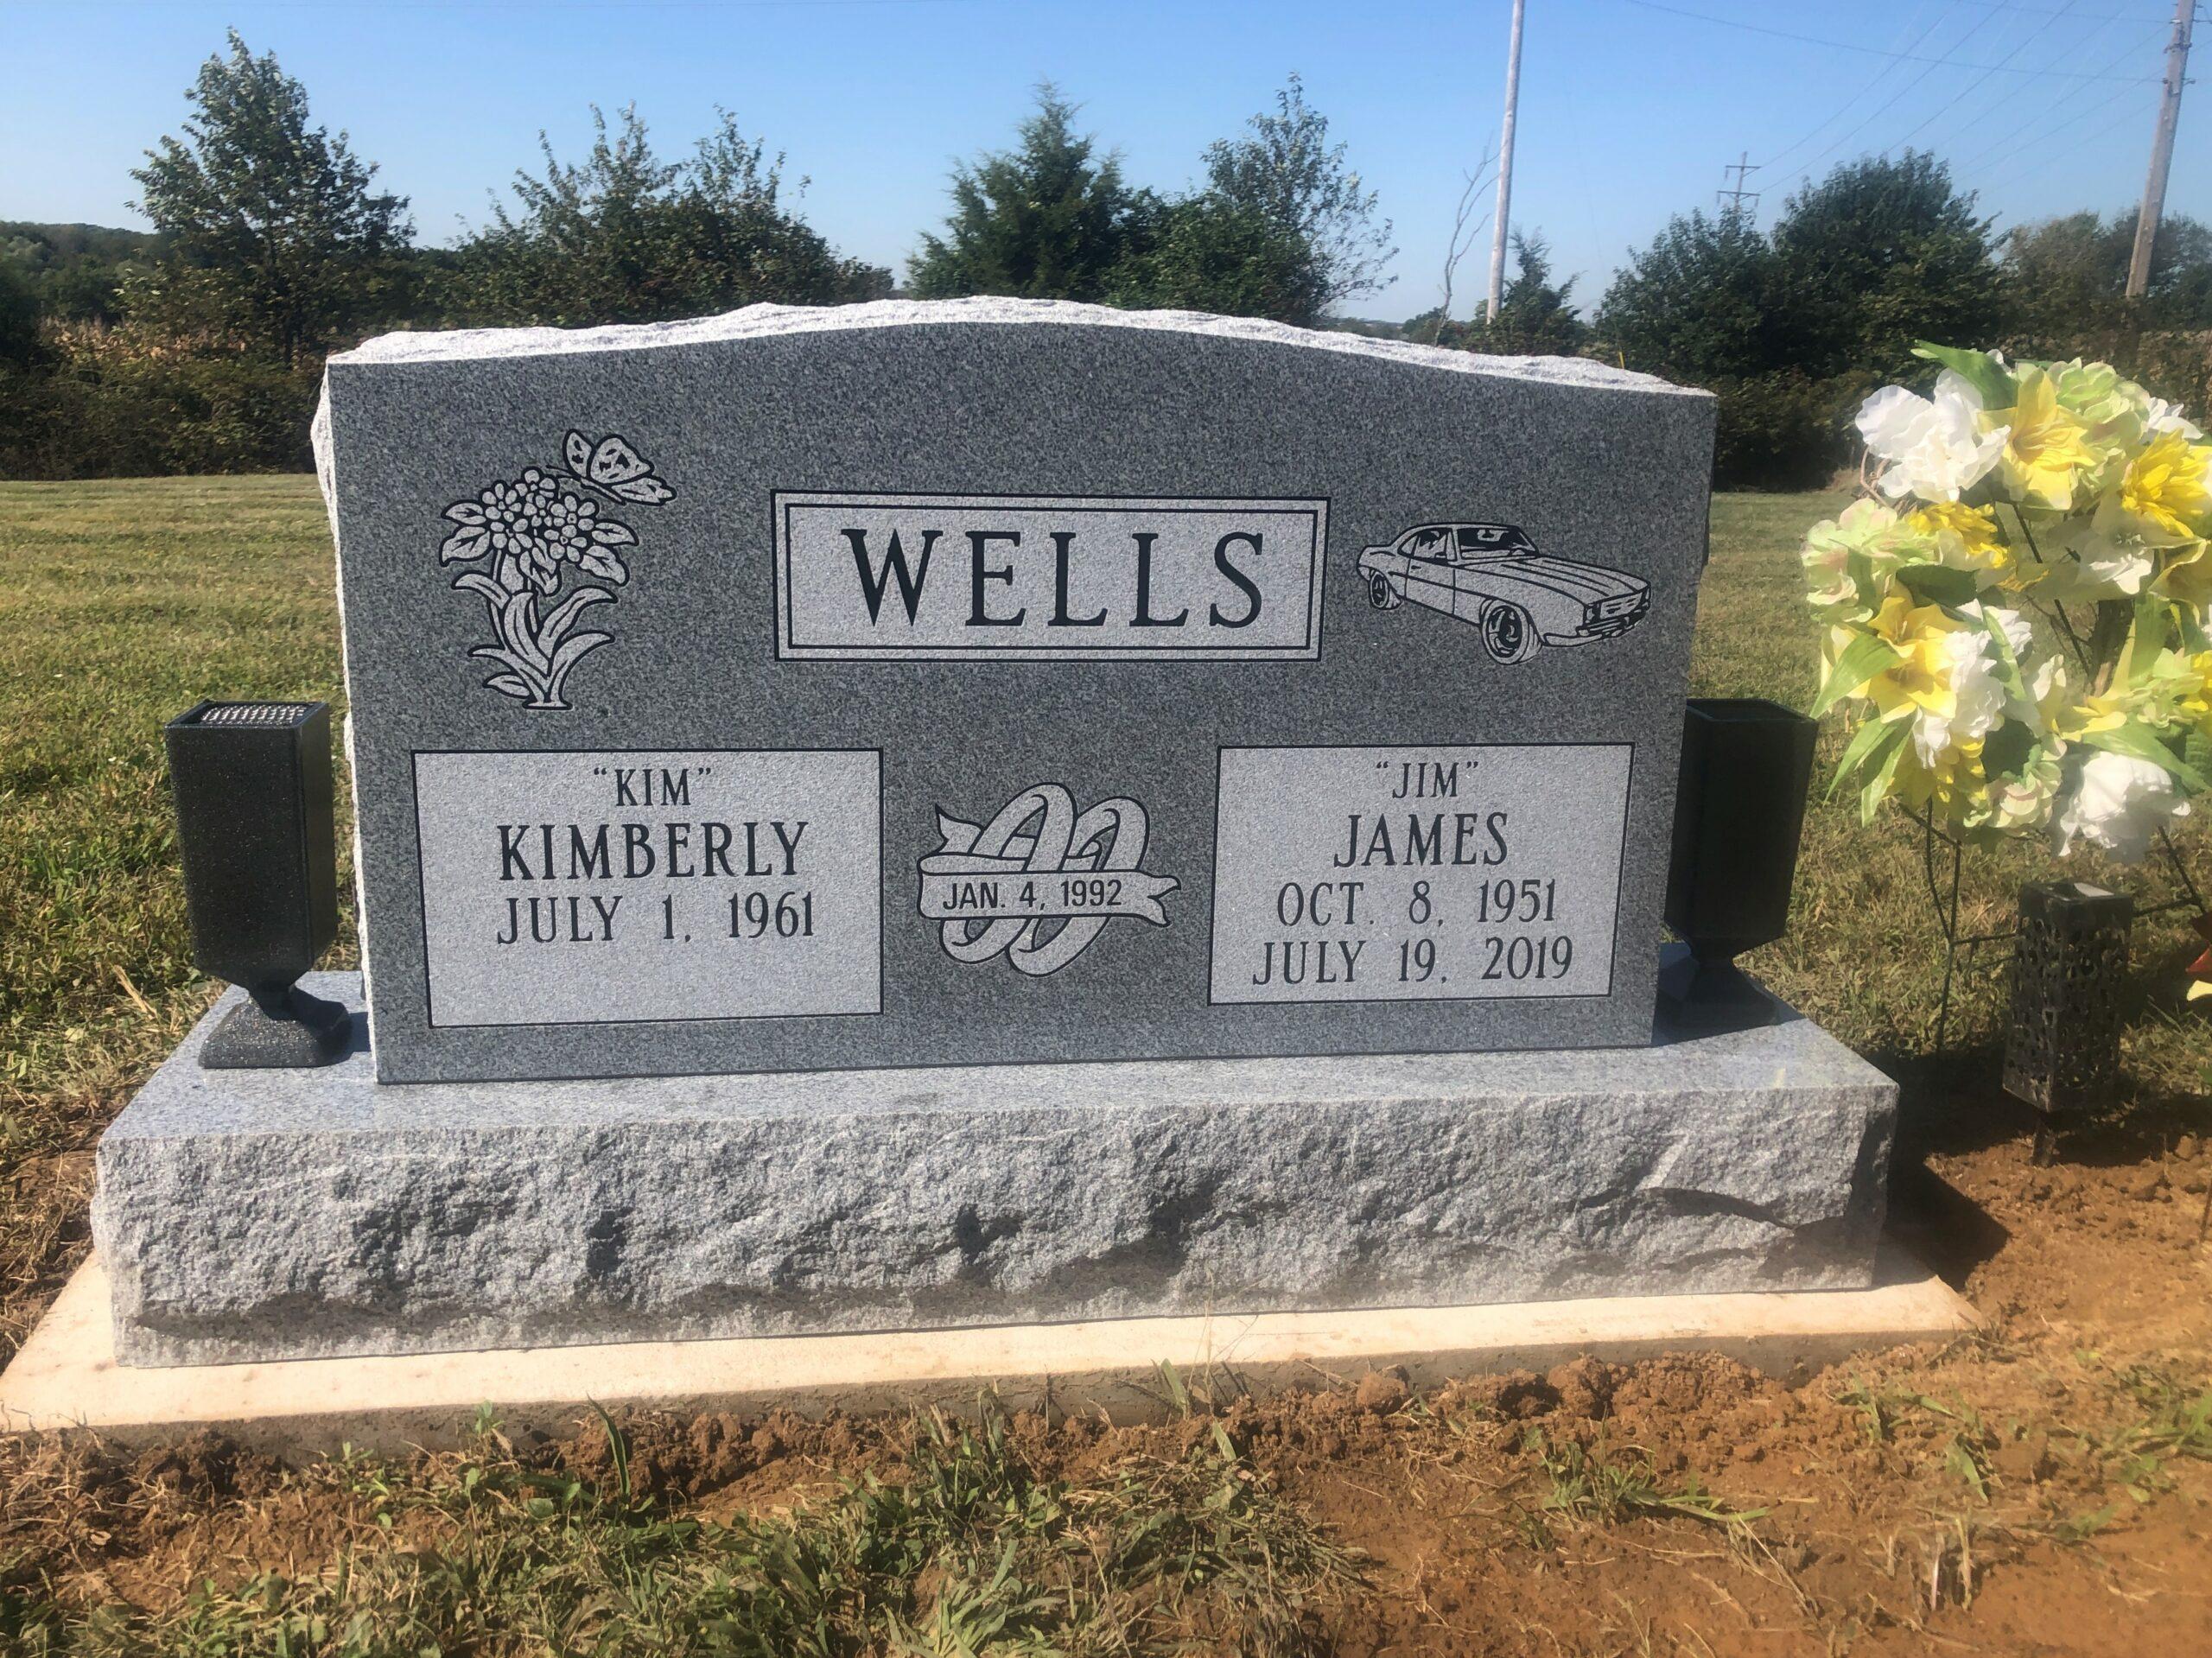 Wells, James